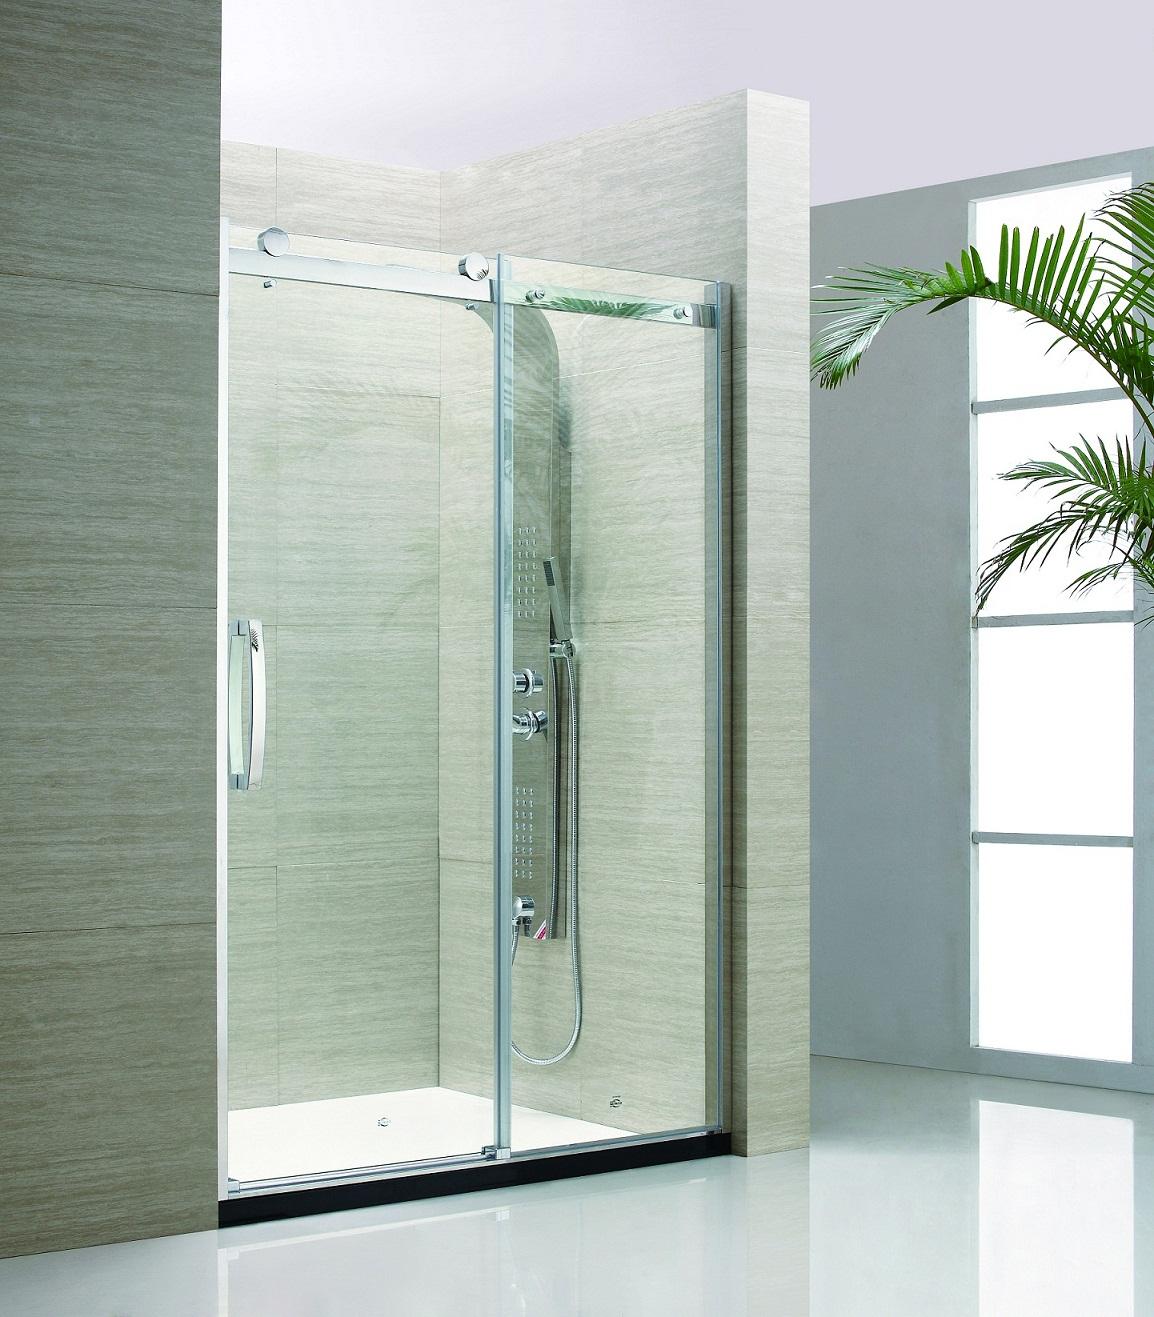 Sala De Baño One Piece:sala de ducha cuarto de baño de la puerta puerta de la ducha ducha